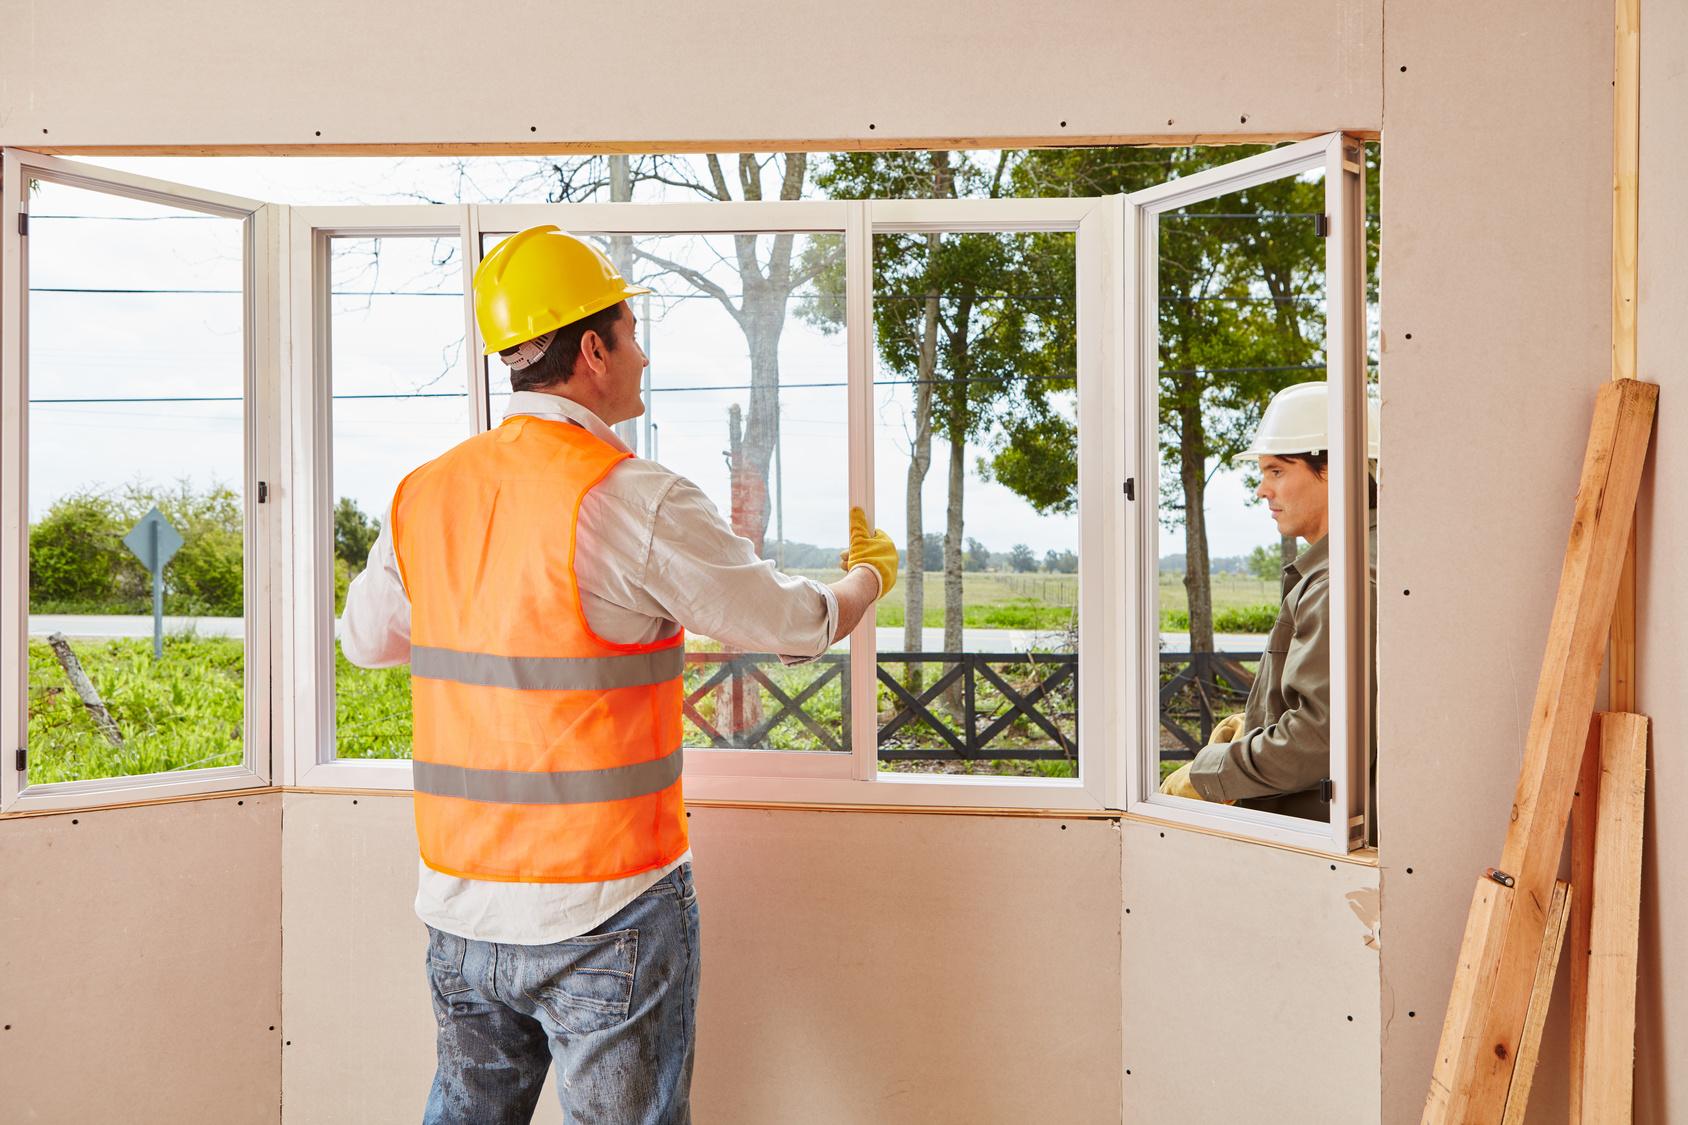 Full Size of Neue Fenster Einbauen Energieeffizient Modernisieren Mit Integriertem Rollladen Austauschen Schüco Kaufen Trier Rolladen Nachträglich Sichtschutzfolien Für Fenster Neue Fenster Einbauen